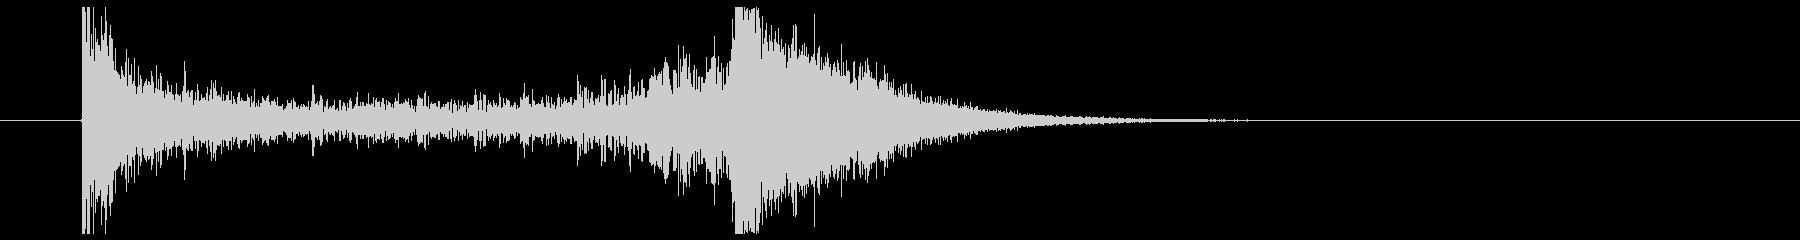 ティンパニーロール_シンバルあり(2秒)の未再生の波形